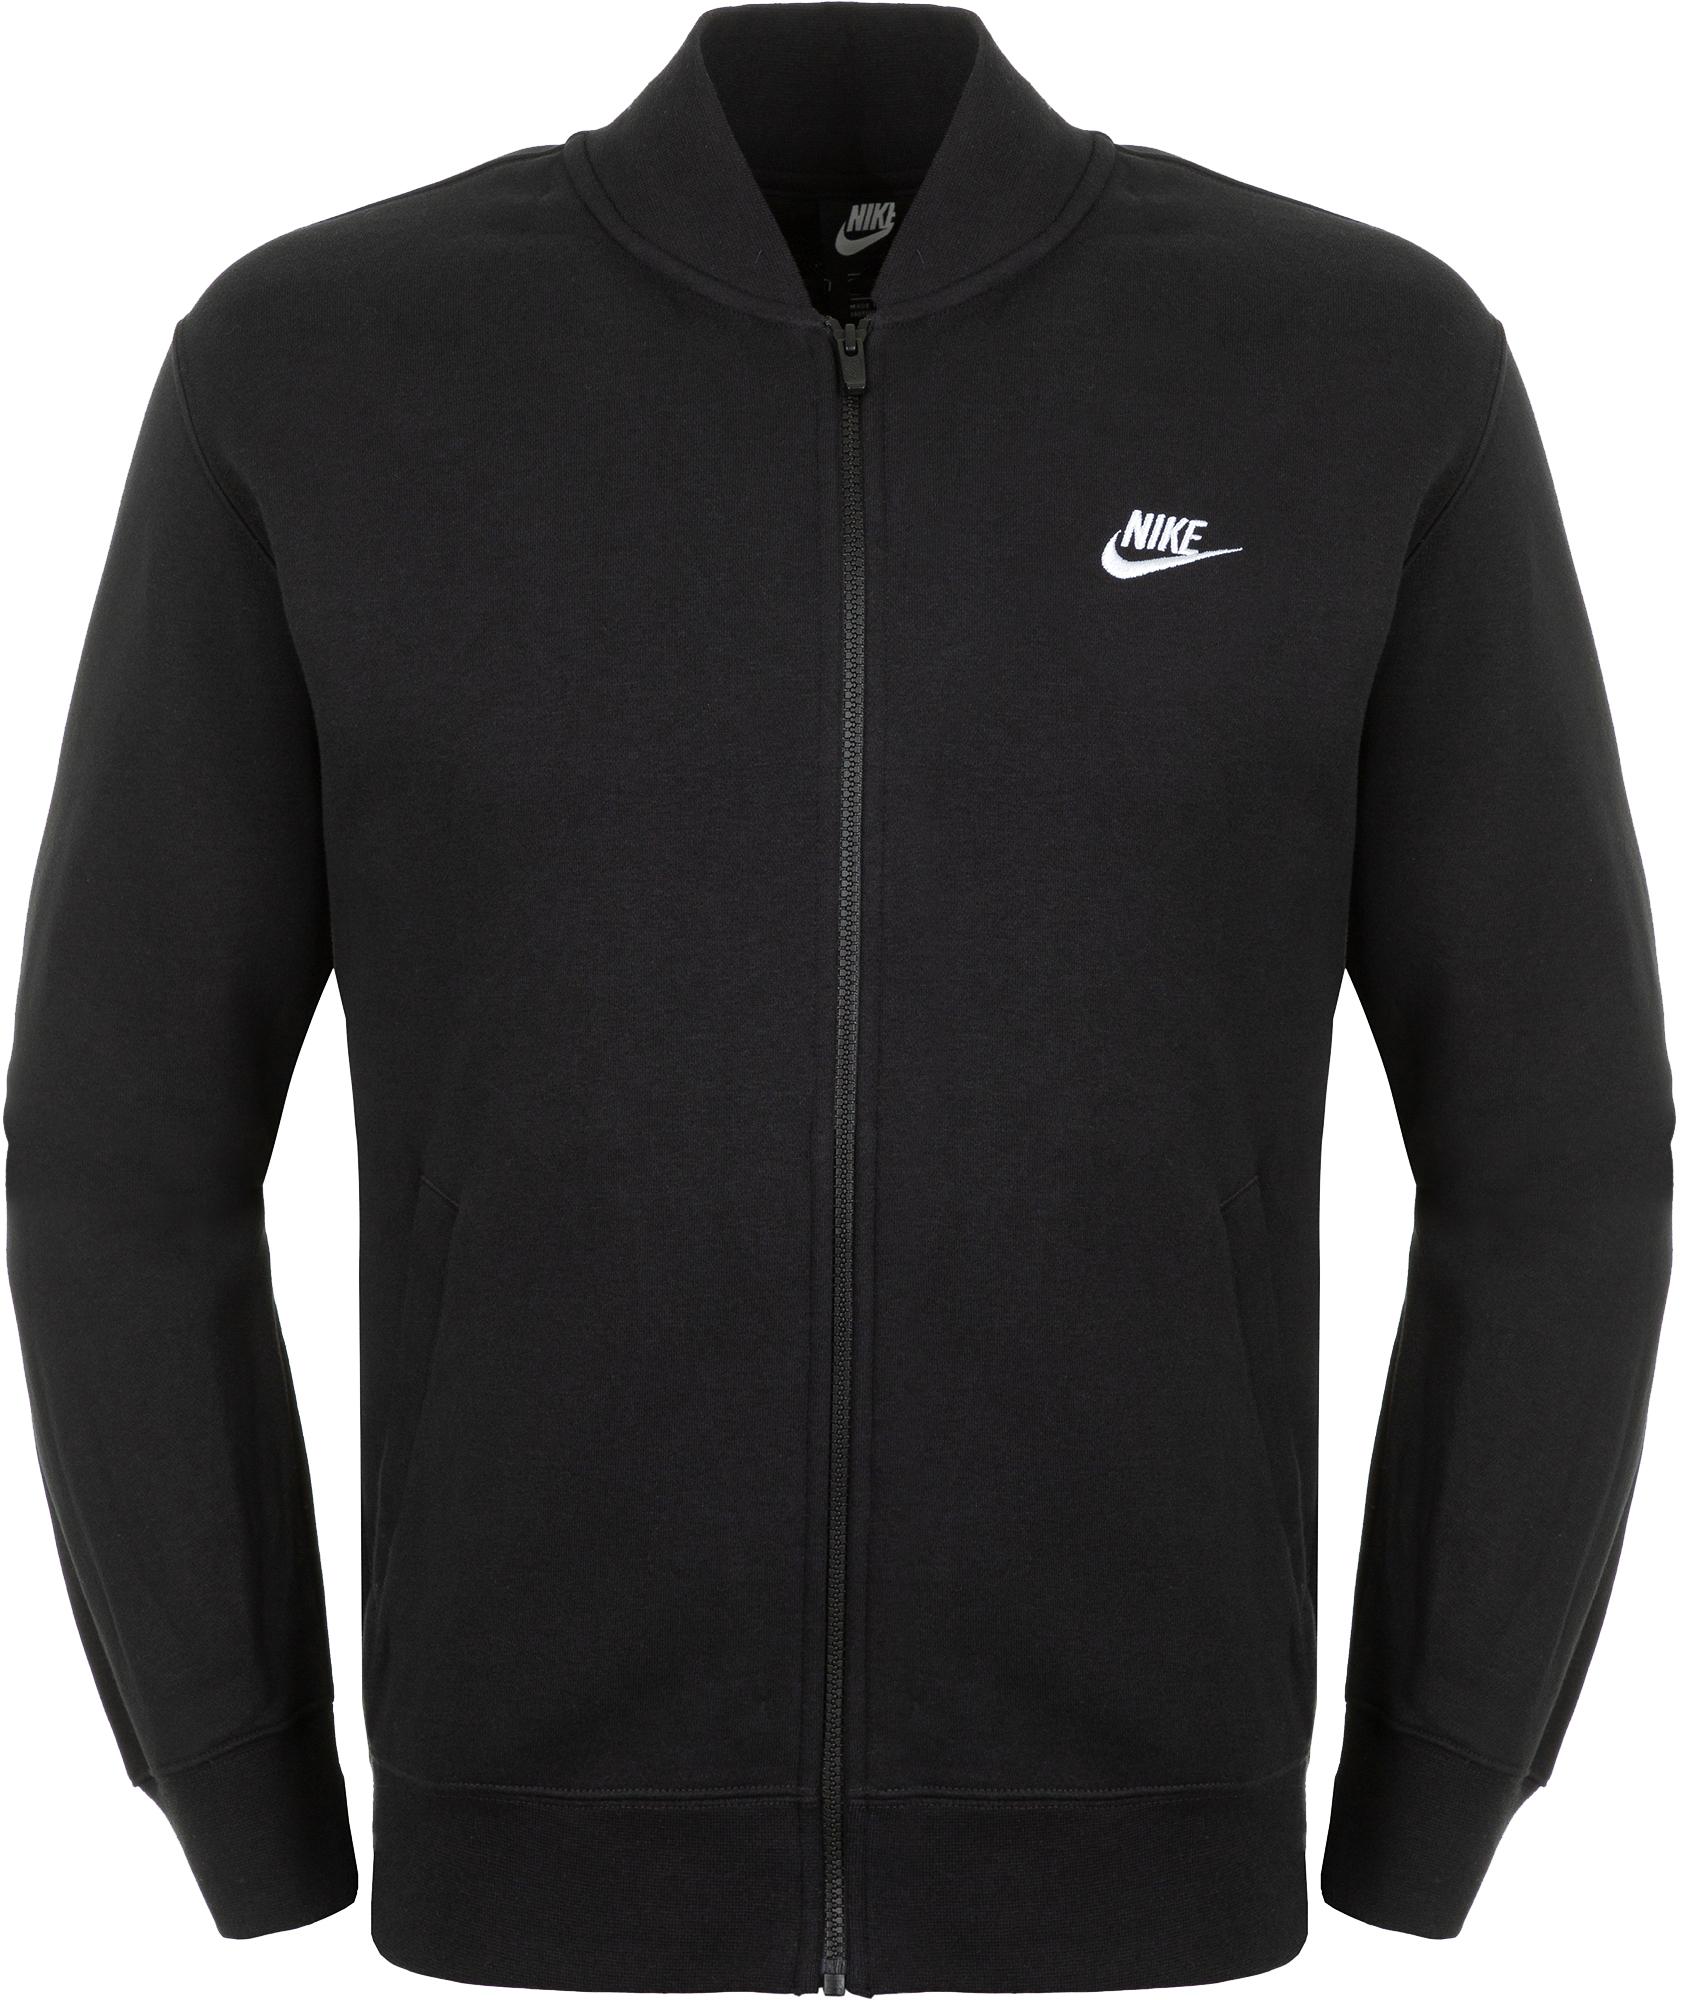 Nike Джемпер утепленный мужской Nike Club, размер 54-56 джемпер для девочки concept club aurelius цвет разноцветный 10210310013 8000 размер 134